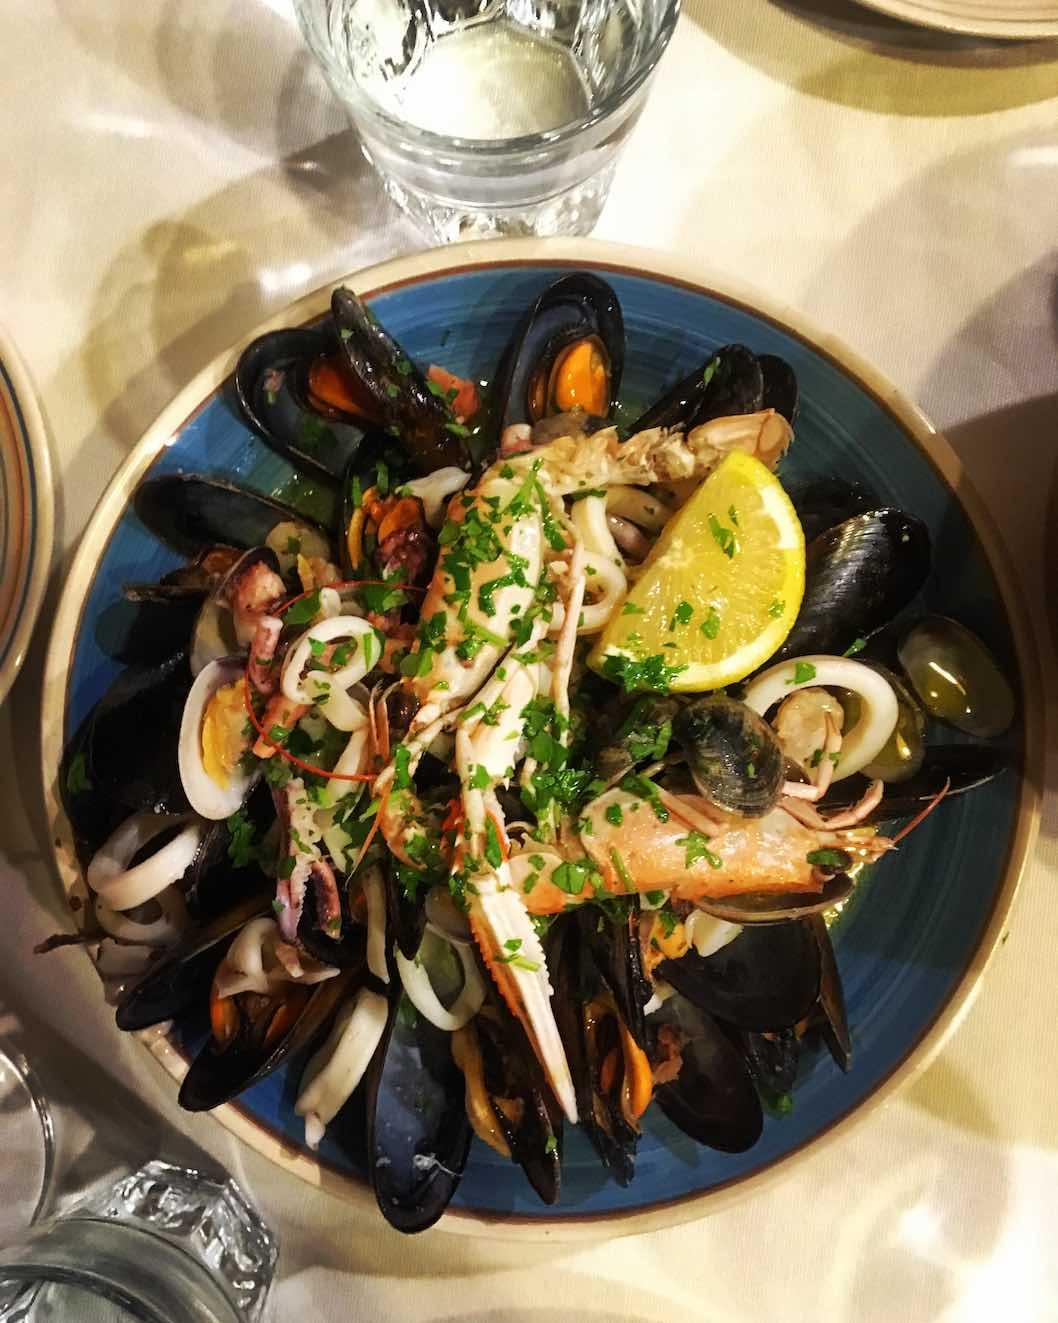 Travel Food People - Steven Tagle - Sicily 11.jpeg